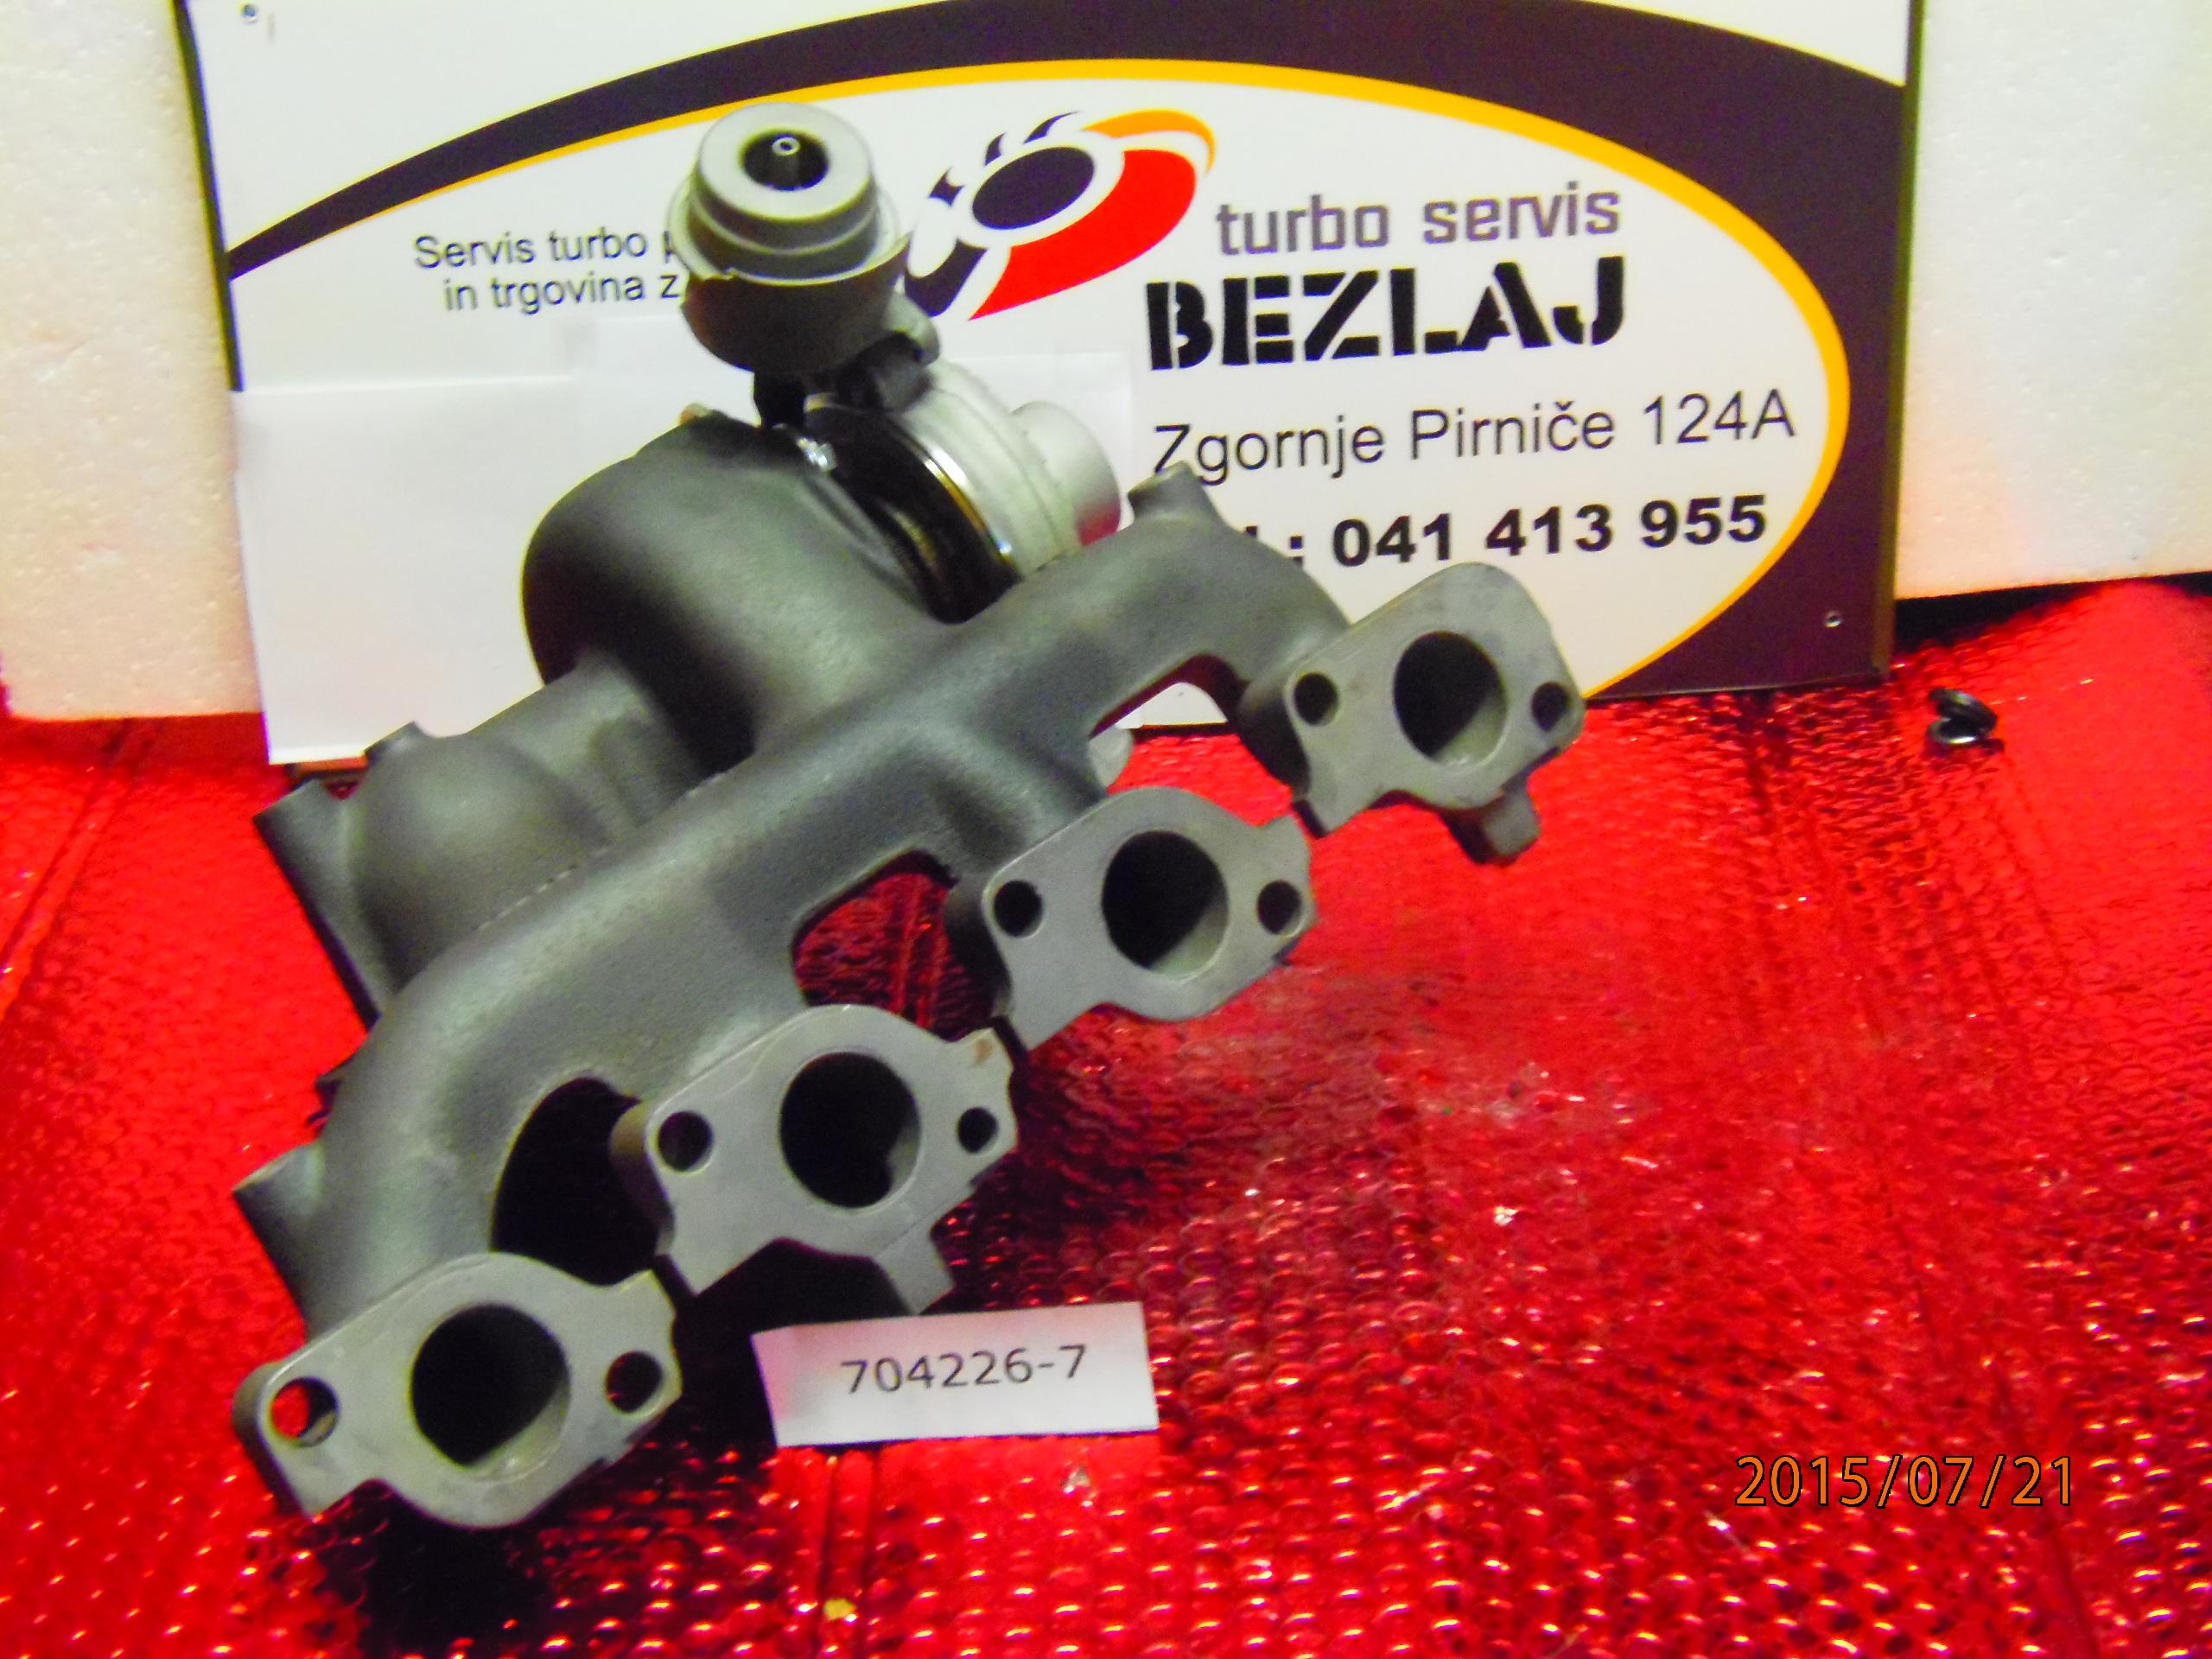 turbo704226-7 (3)